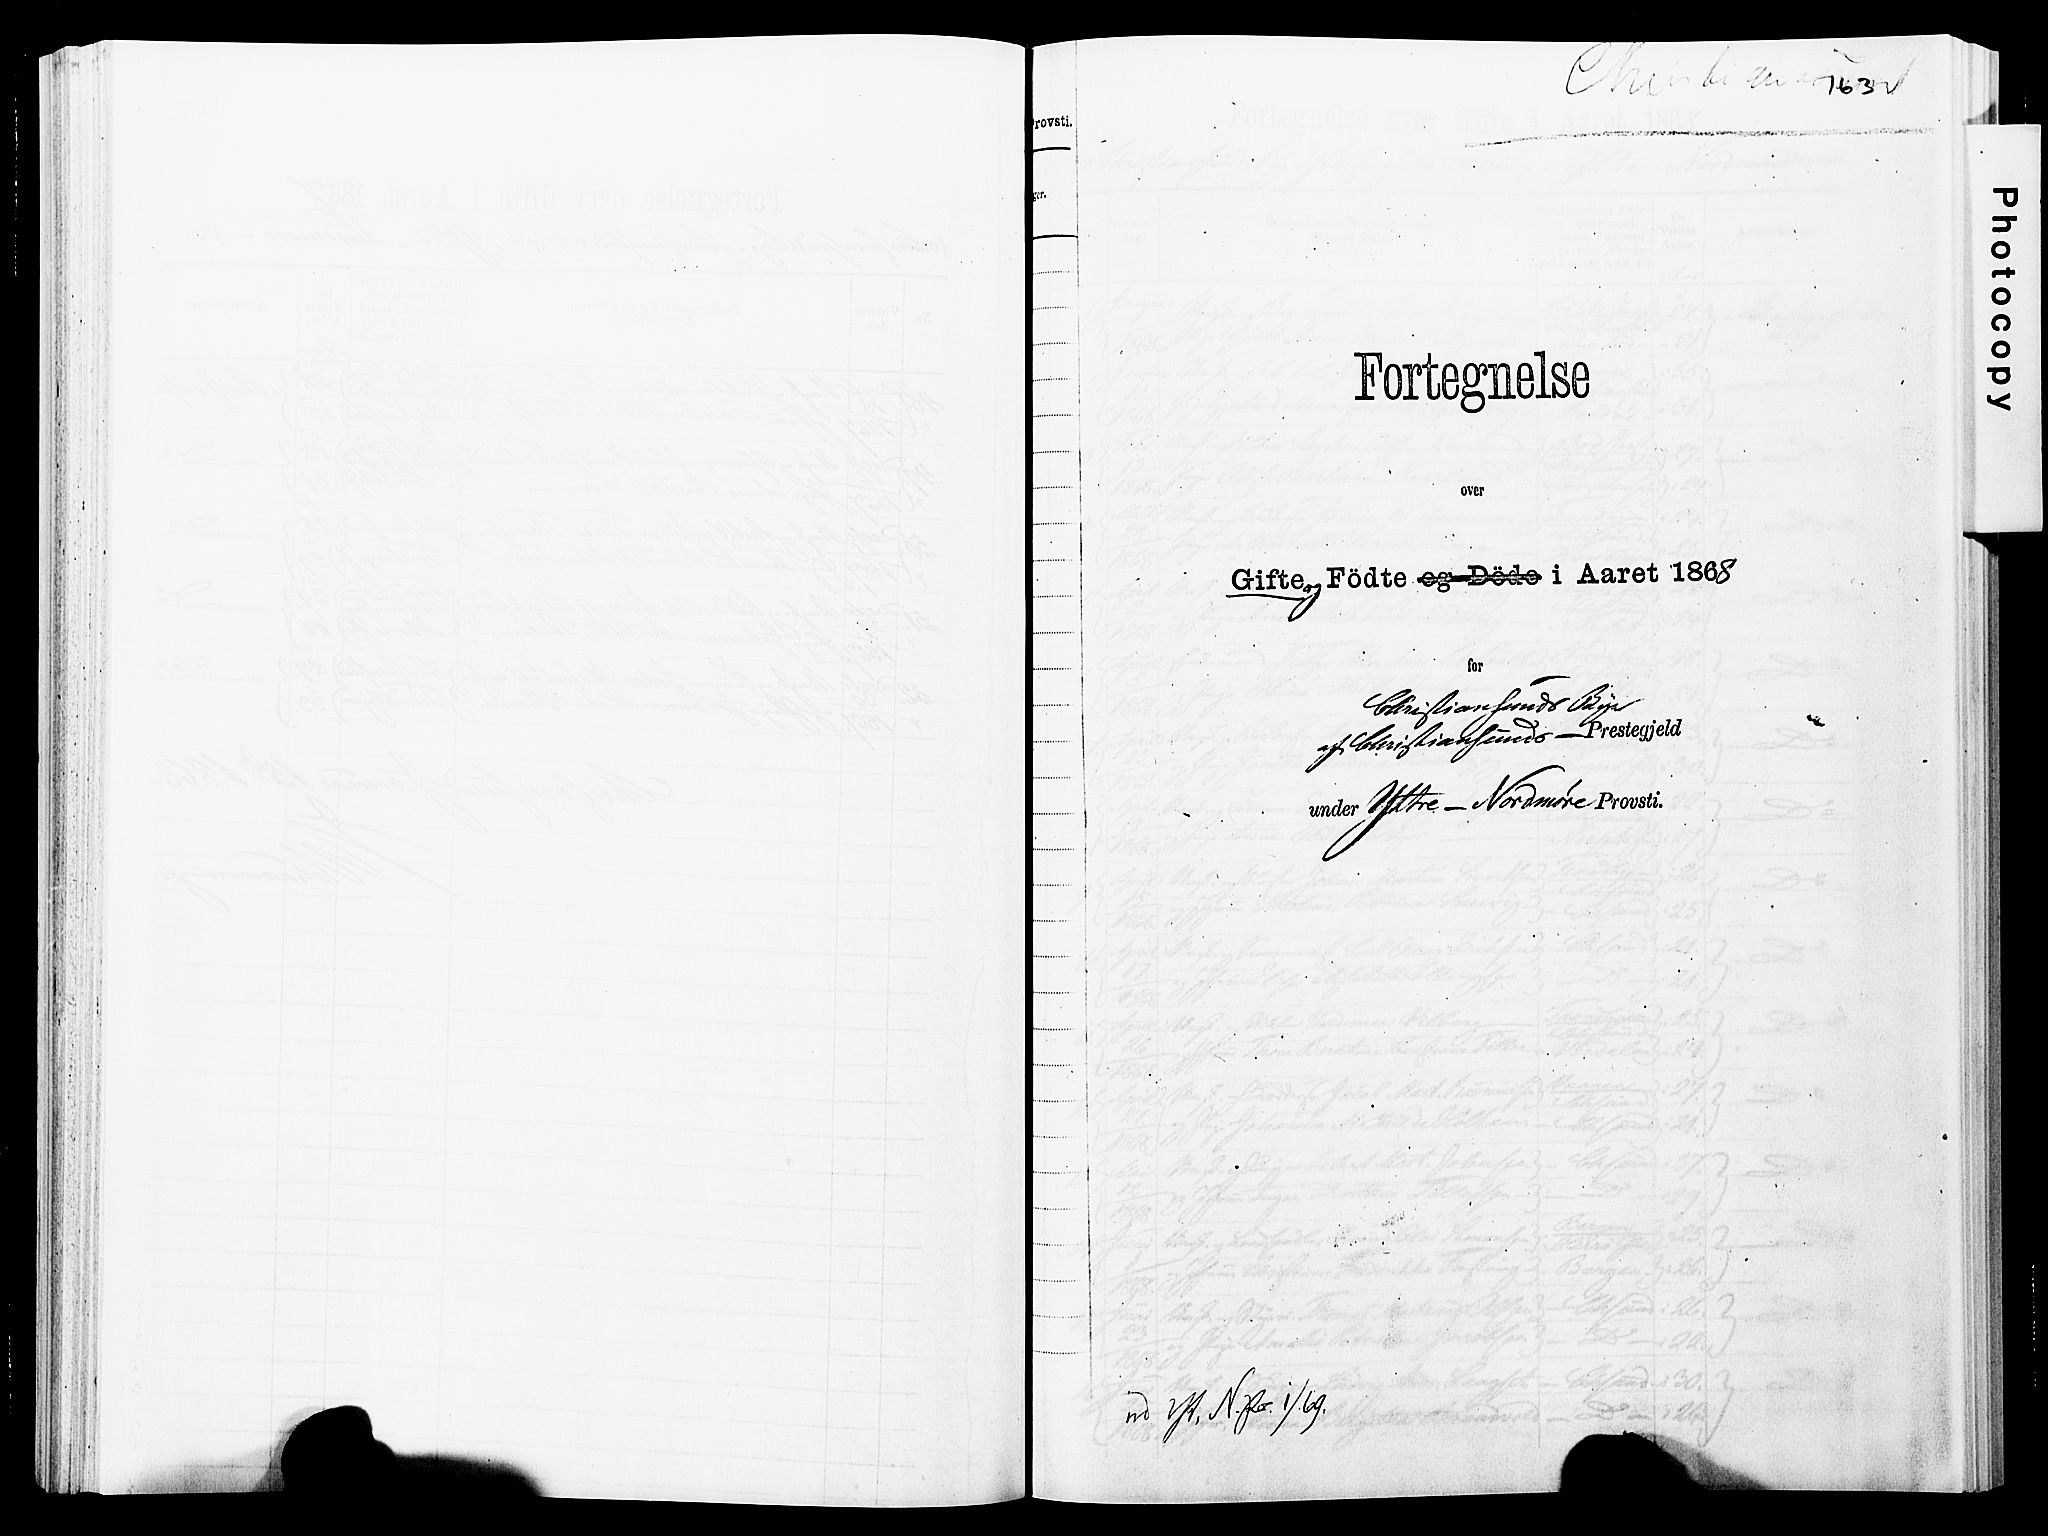 SAT, Ministerialprotokoller, klokkerbøker og fødselsregistre - Møre og Romsdal, 572/L0857: Ministerialbok nr. 572D01, 1866-1872, s. 163